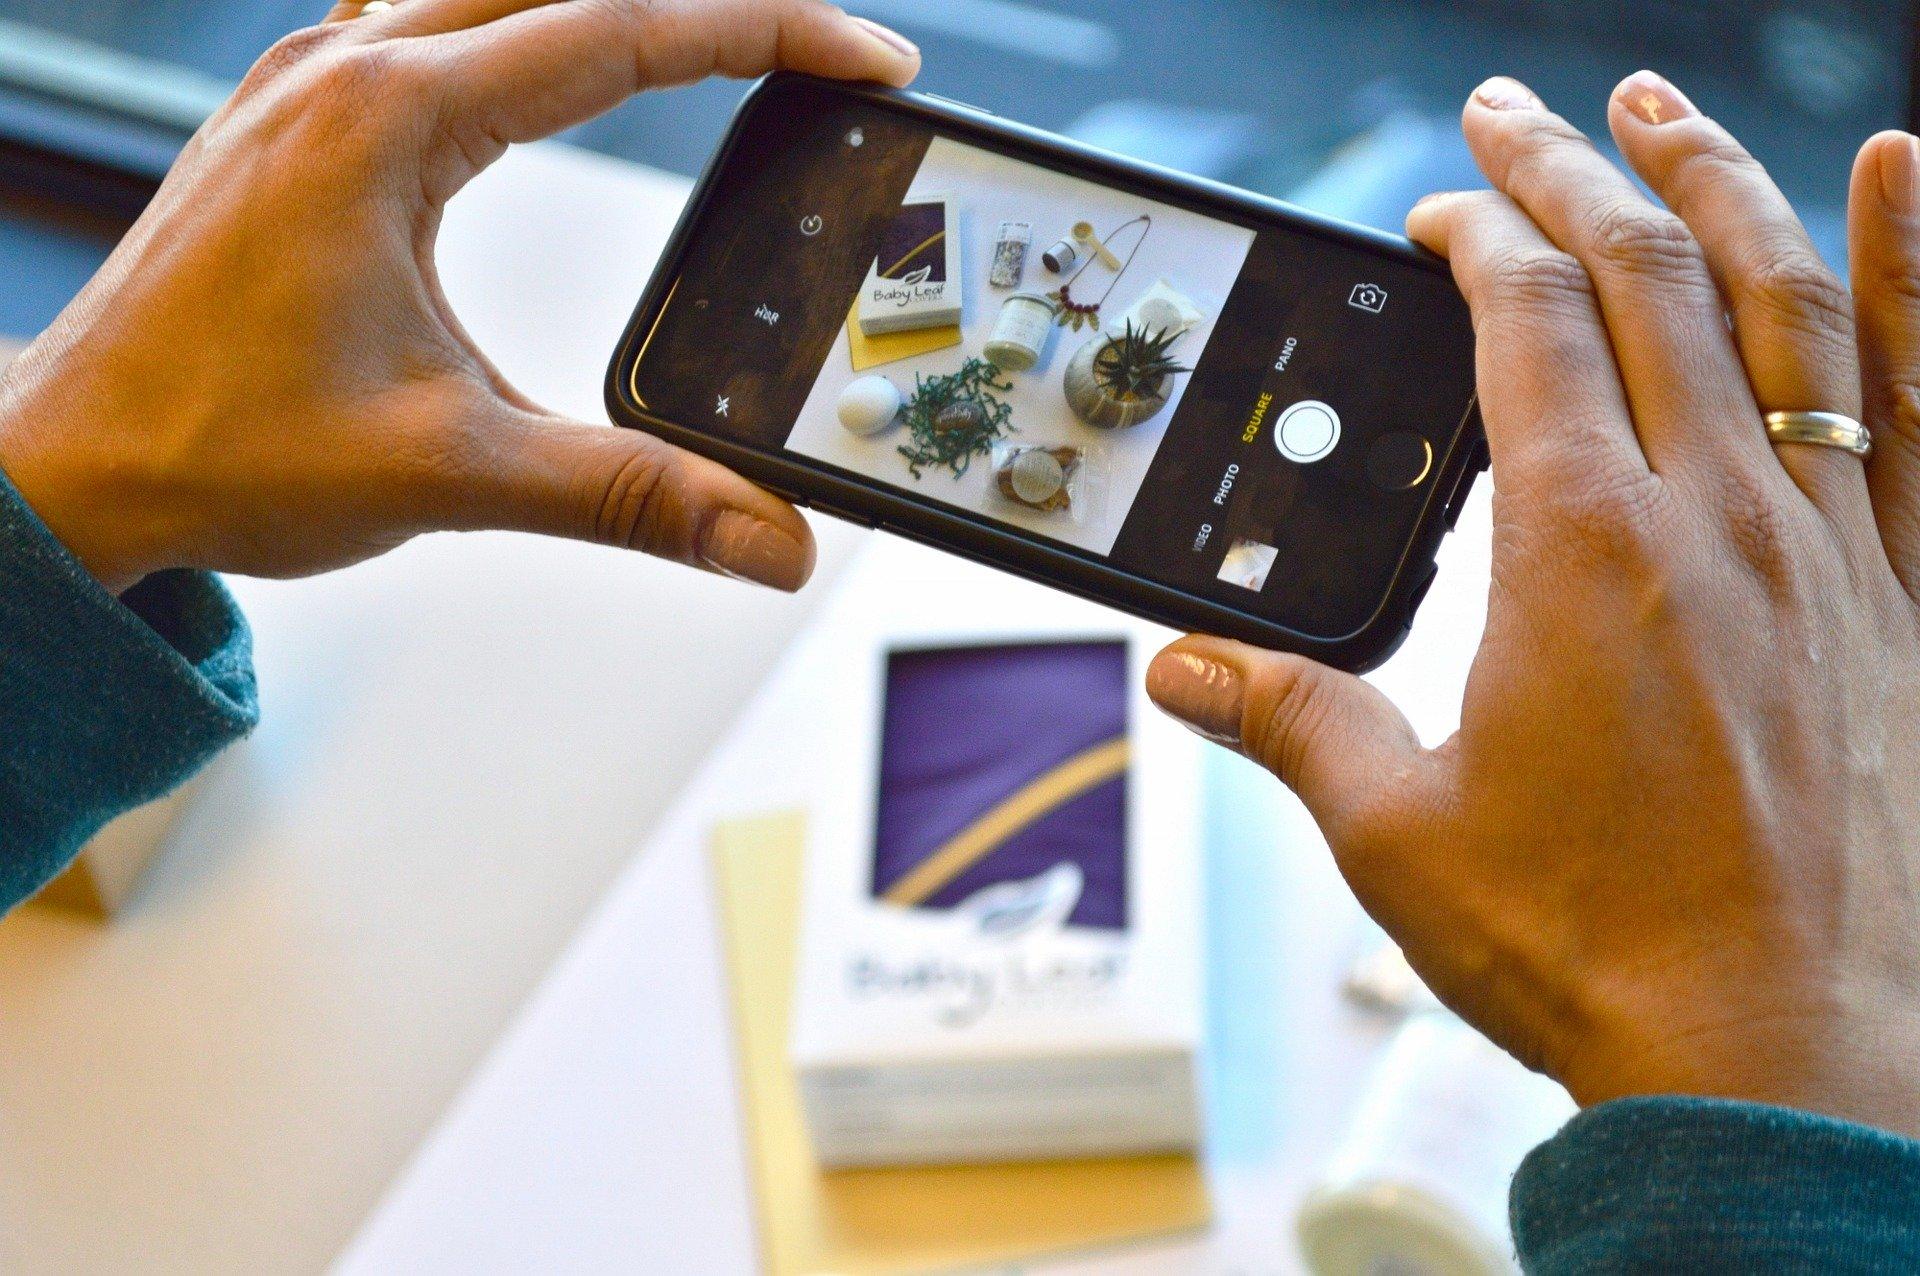 Aufnahme mit einem Smartphone von einer Produktsituation